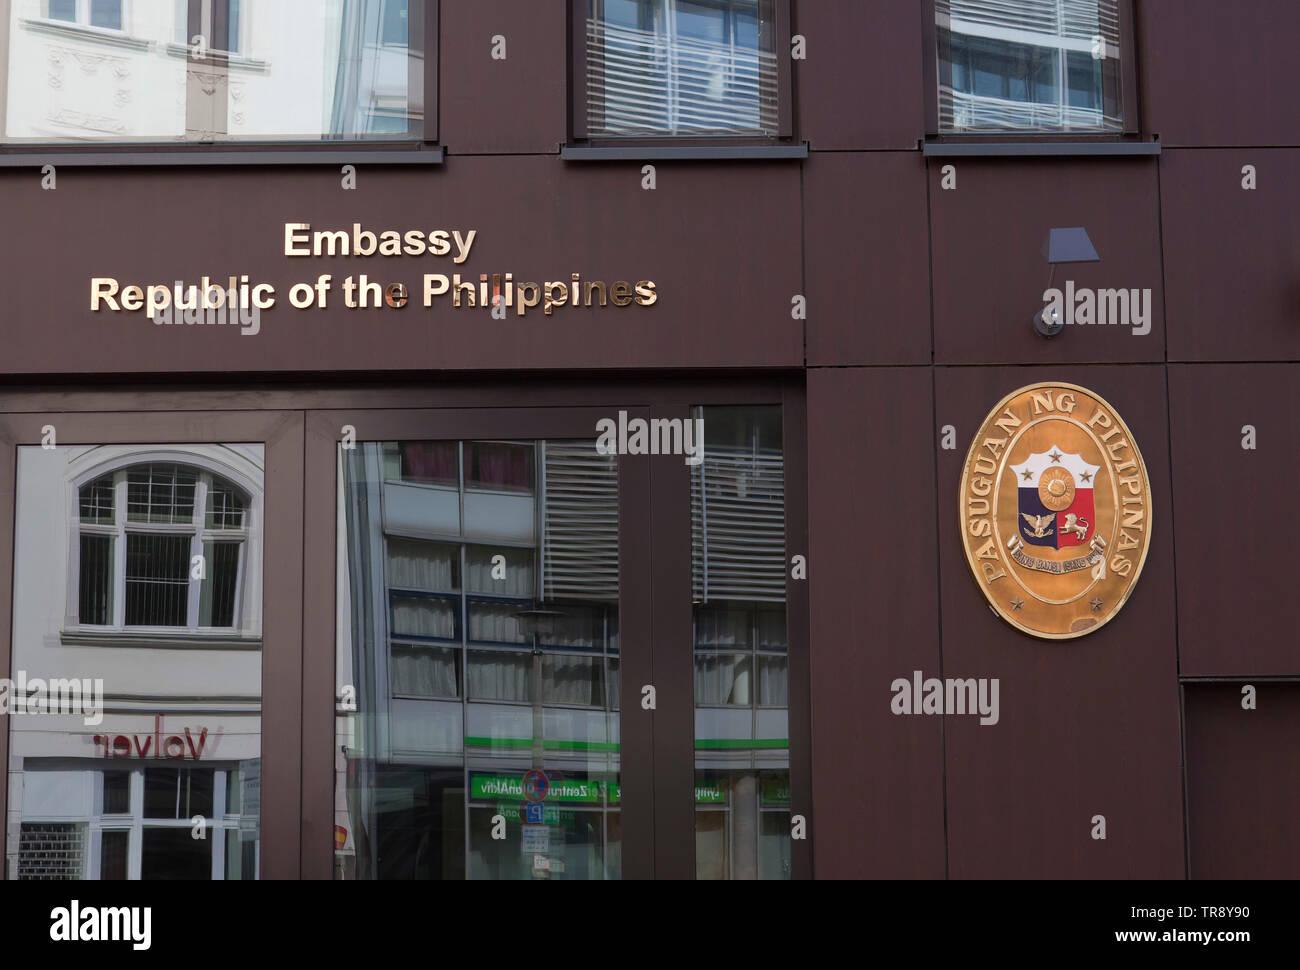 Botschaft der Republik der Philippinen, Berlin, Deutschland